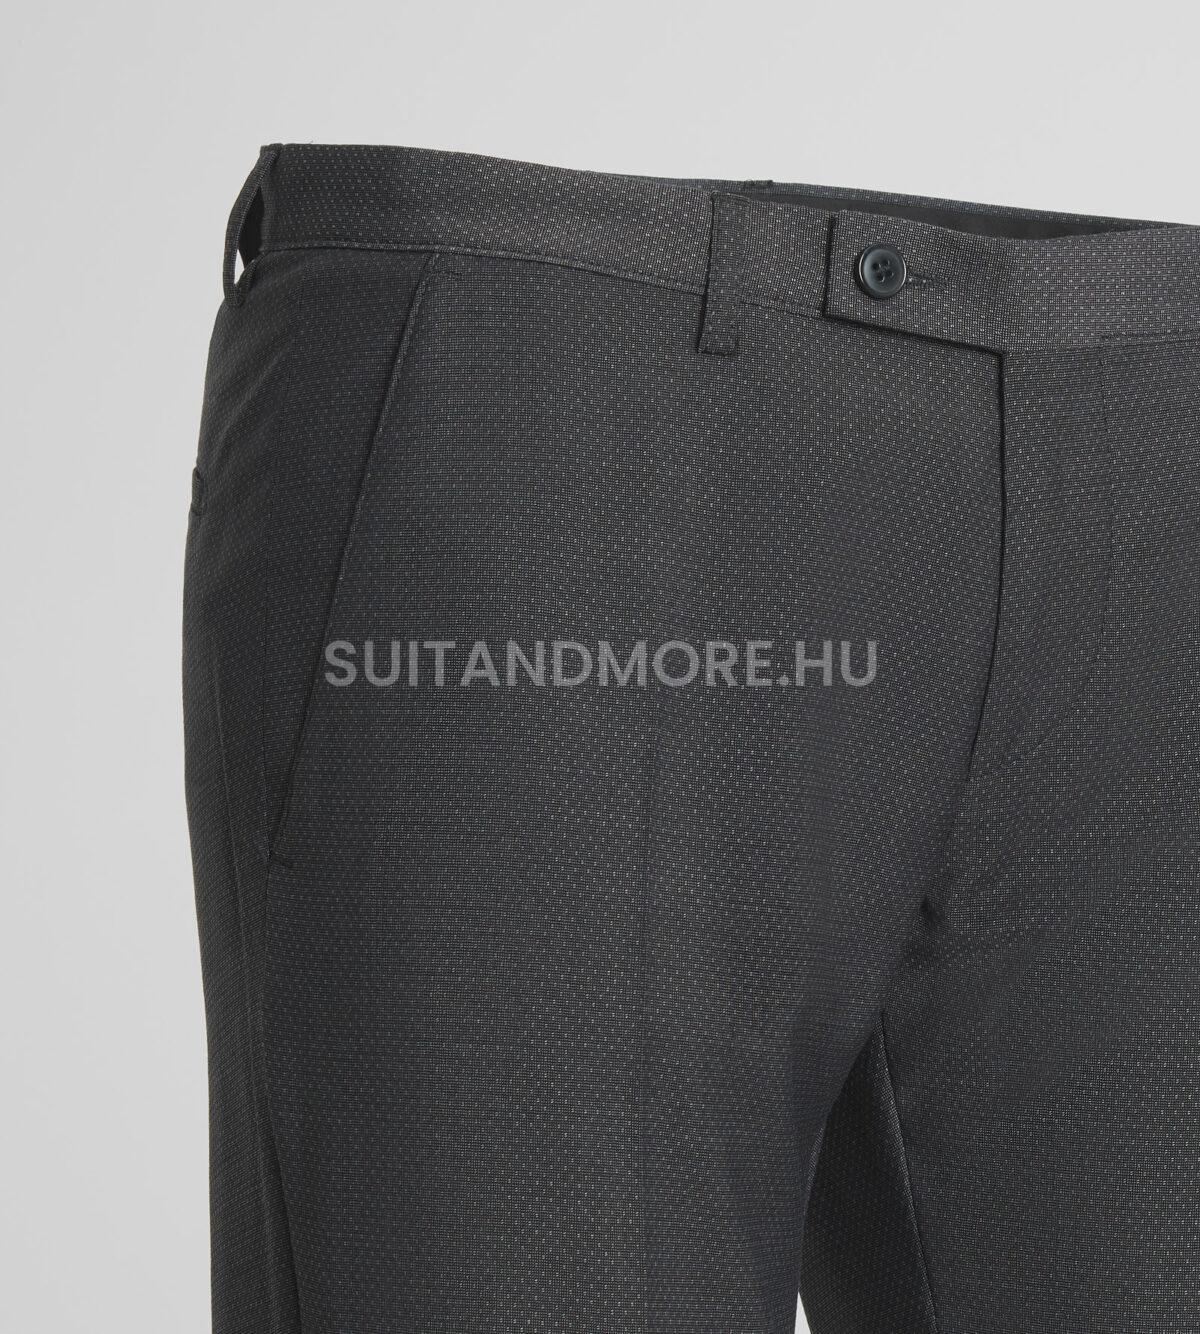 DIGEL-Move-szürke-extra-slim-fit-tűpettyes-öltöny-NANNO-NATE-NICOLO-99714-42-08